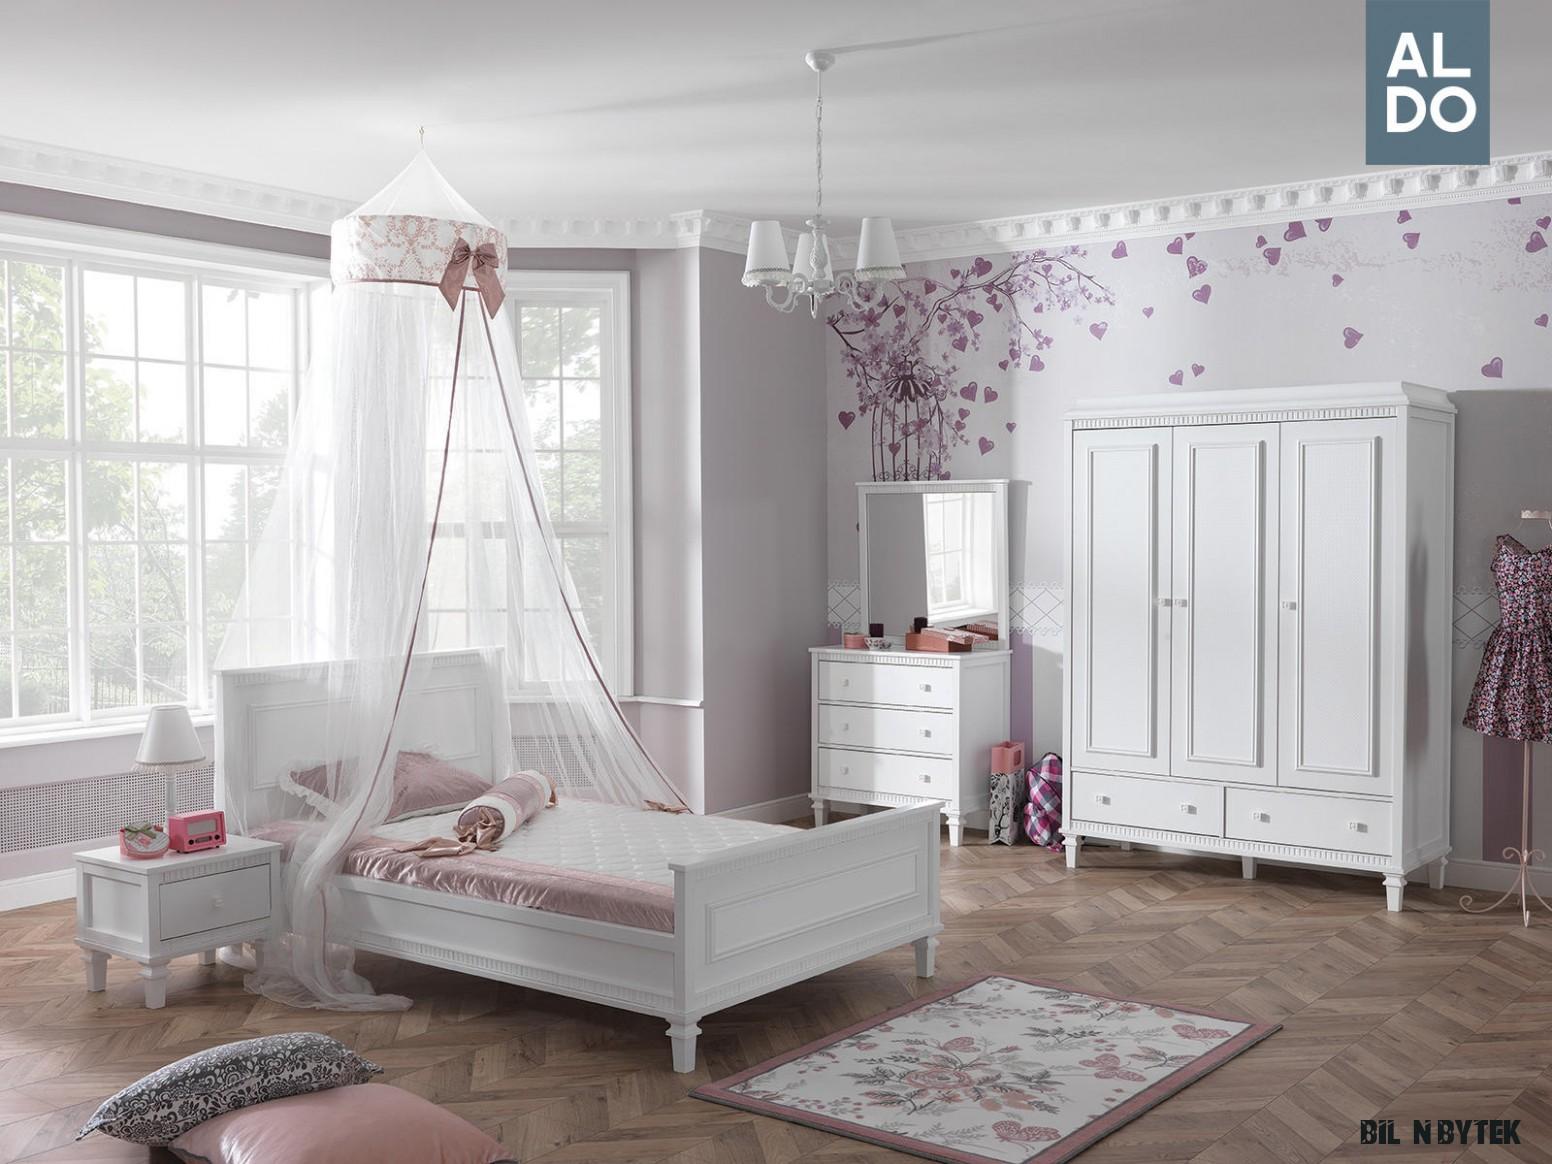 Bílý nábytek do dívčího pokoje v rustikálním stylu - kolekce